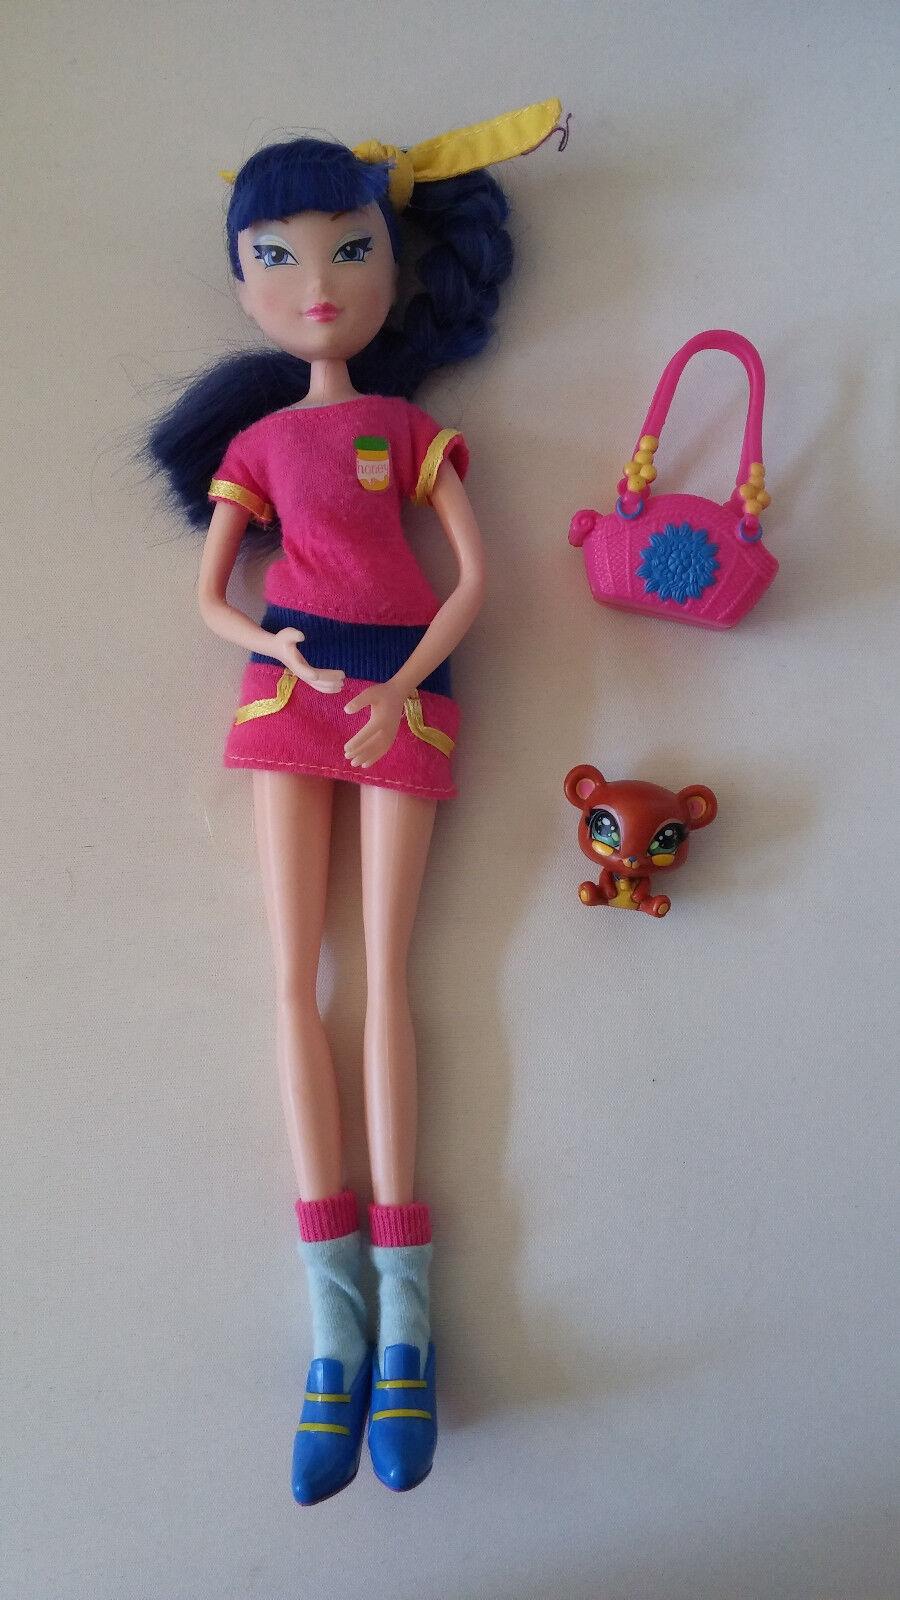 Winx Club Puppe Musa Little Pet Shop Sehr guter Zustand Staffel 4